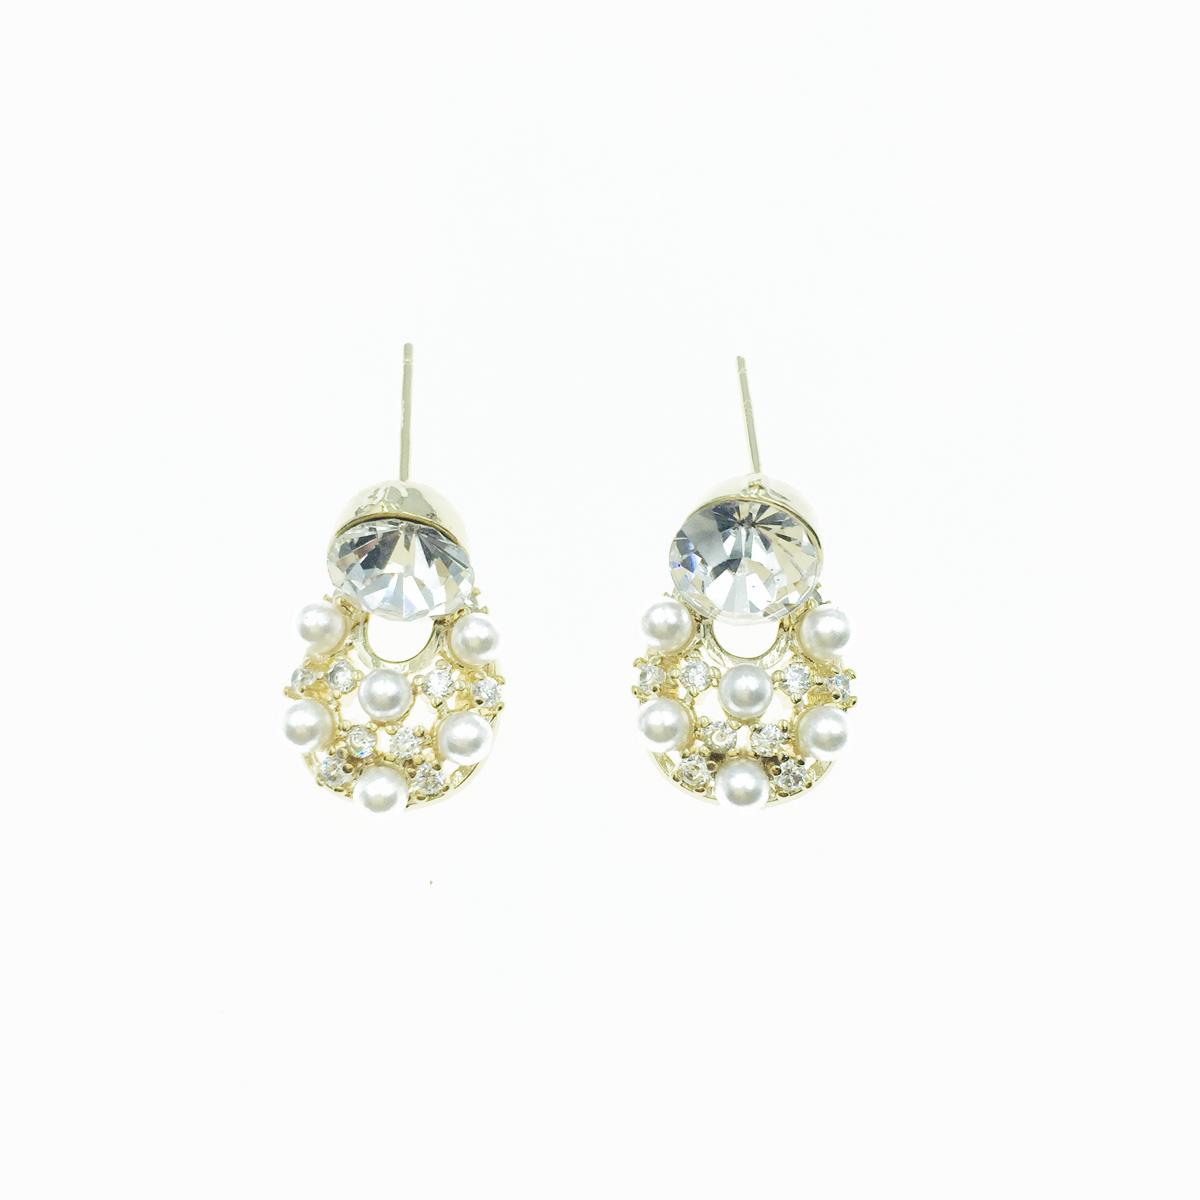 韓國 925純銀 水鑽 水滴型 珍珠 垂墜 白鑽 耳針式 耳環